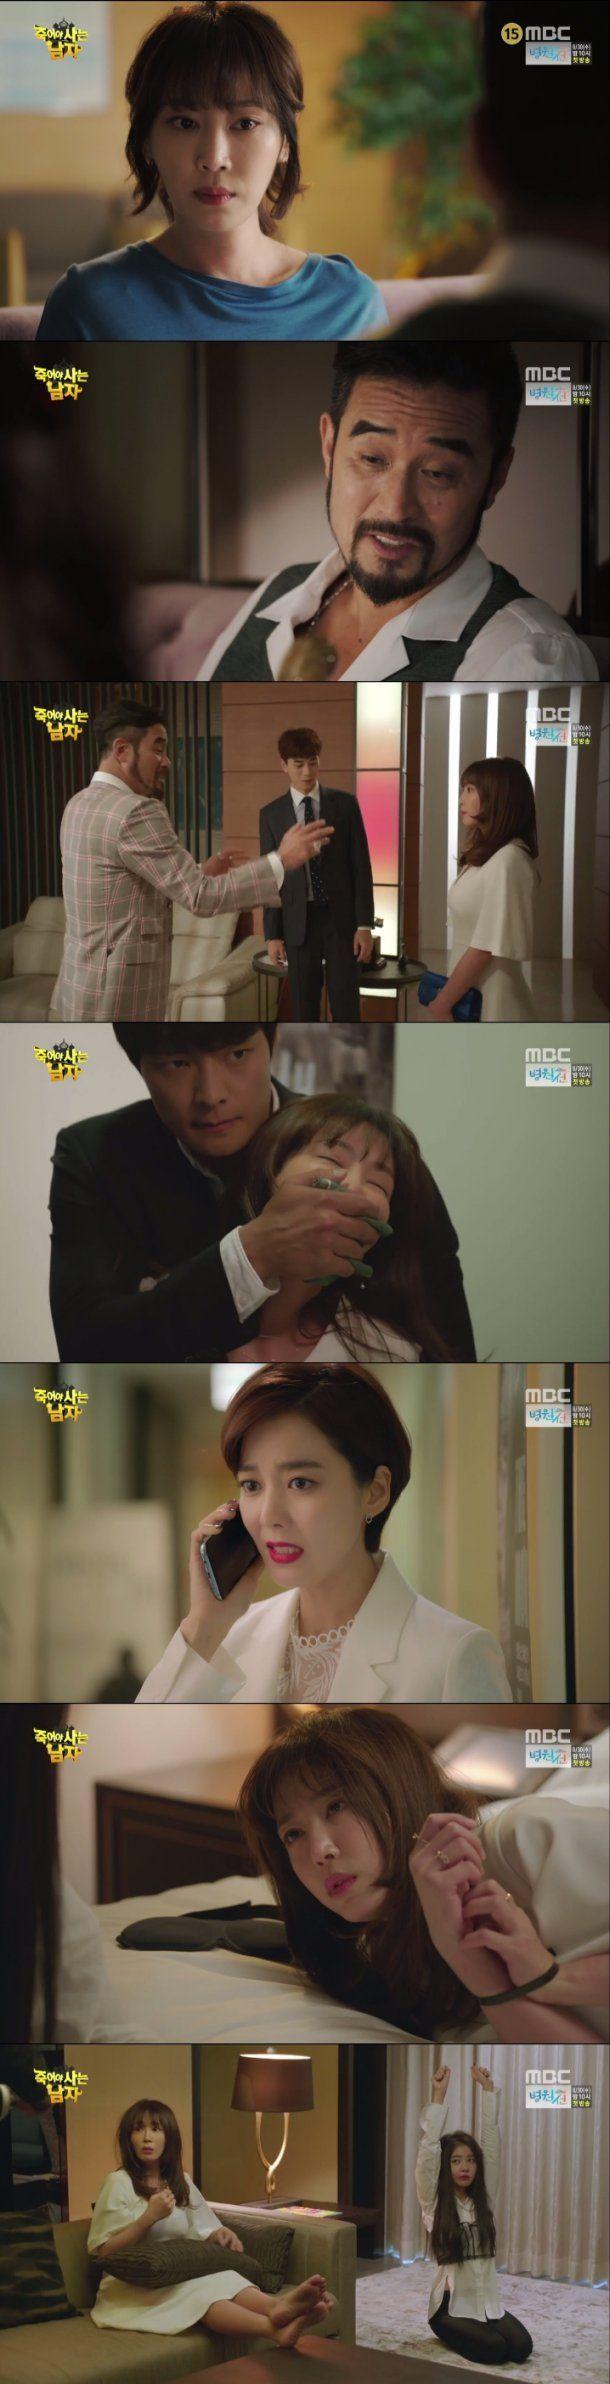 """[Spoiler] """"Man Who Dies to Live"""" Hwang Seung-eon underestimates Kang Ye-won"""